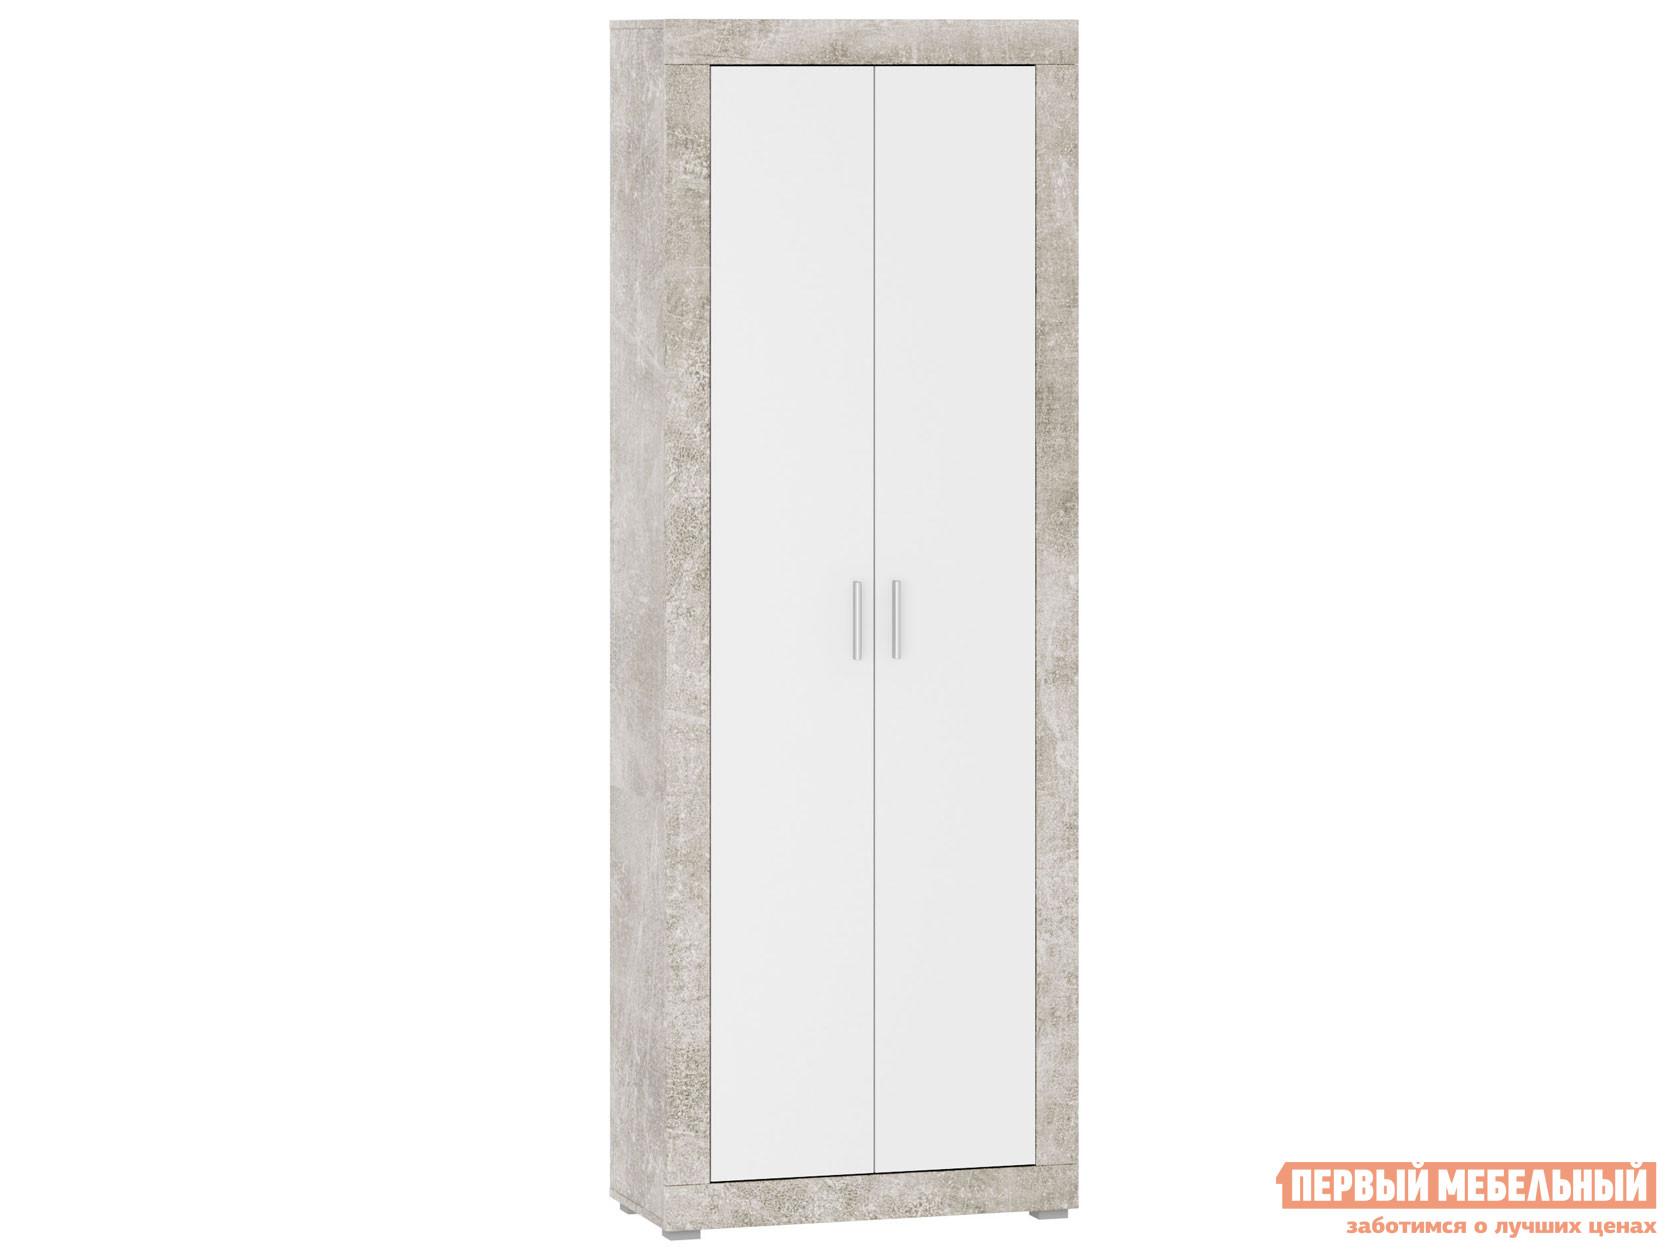 Шкаф распашной НК-Мебель МОНТАНА шкаф ШК-80 73020149